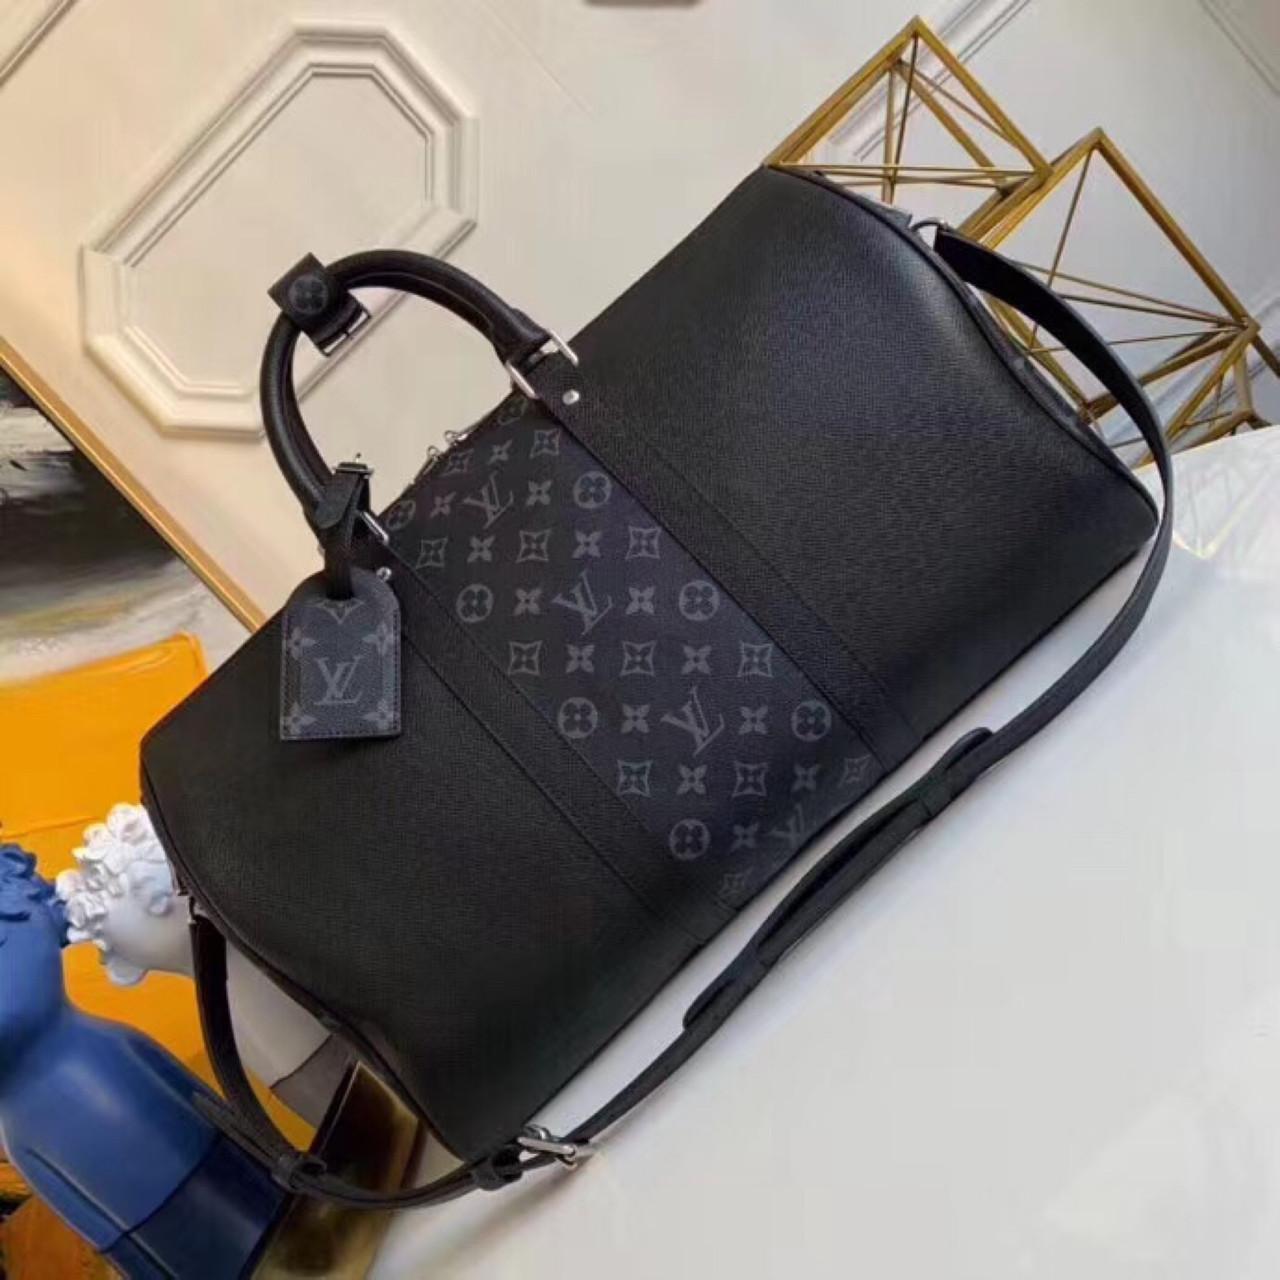 Дорожная сумка Луи Витон Keepall 45, кожаная реплика